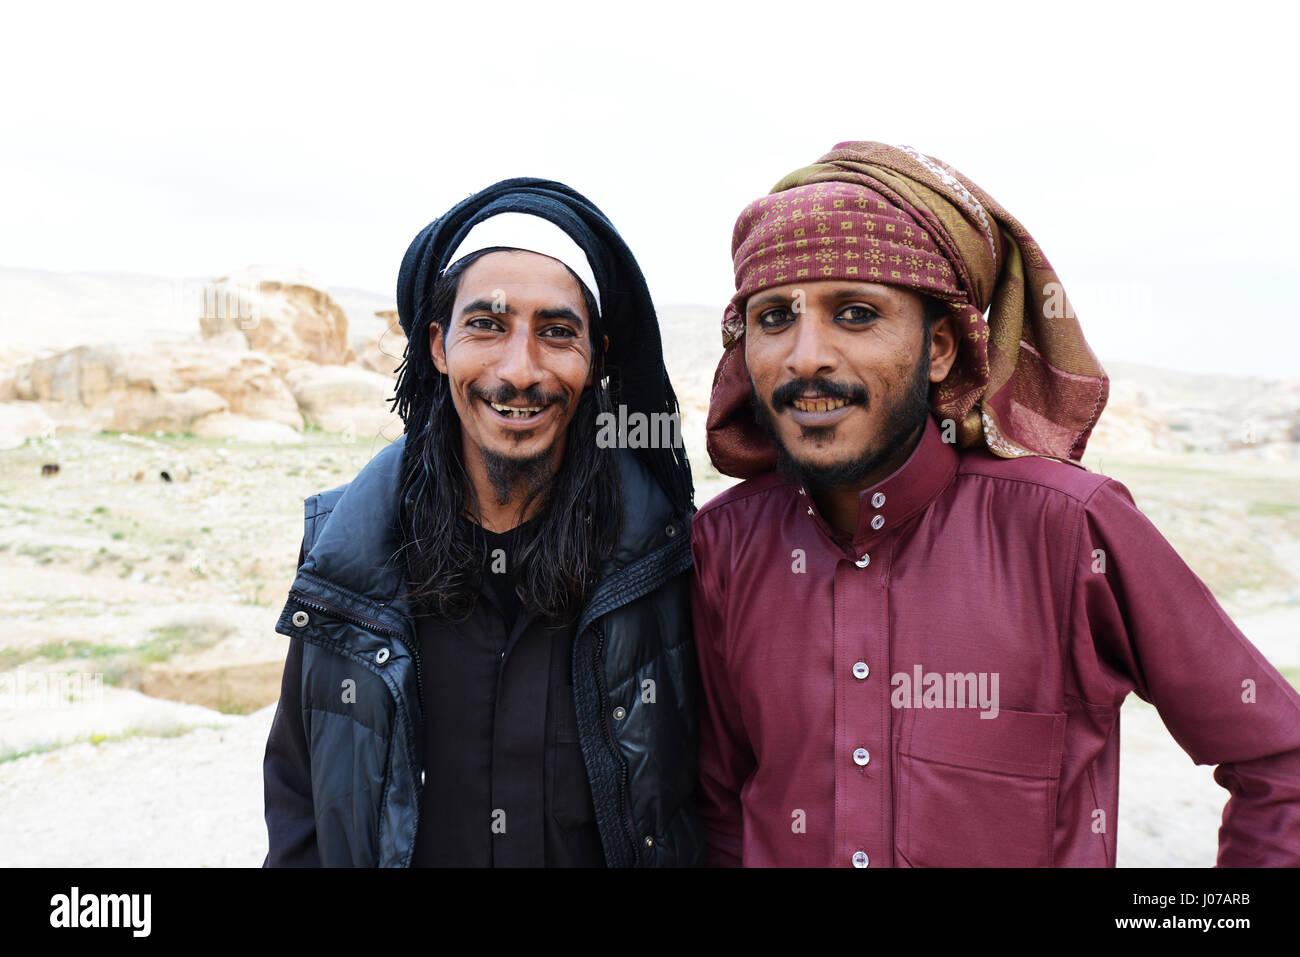 Jungen Beduinen Männer tragen ein traditionelles Eyeliner genannt Kohel. Stockbild